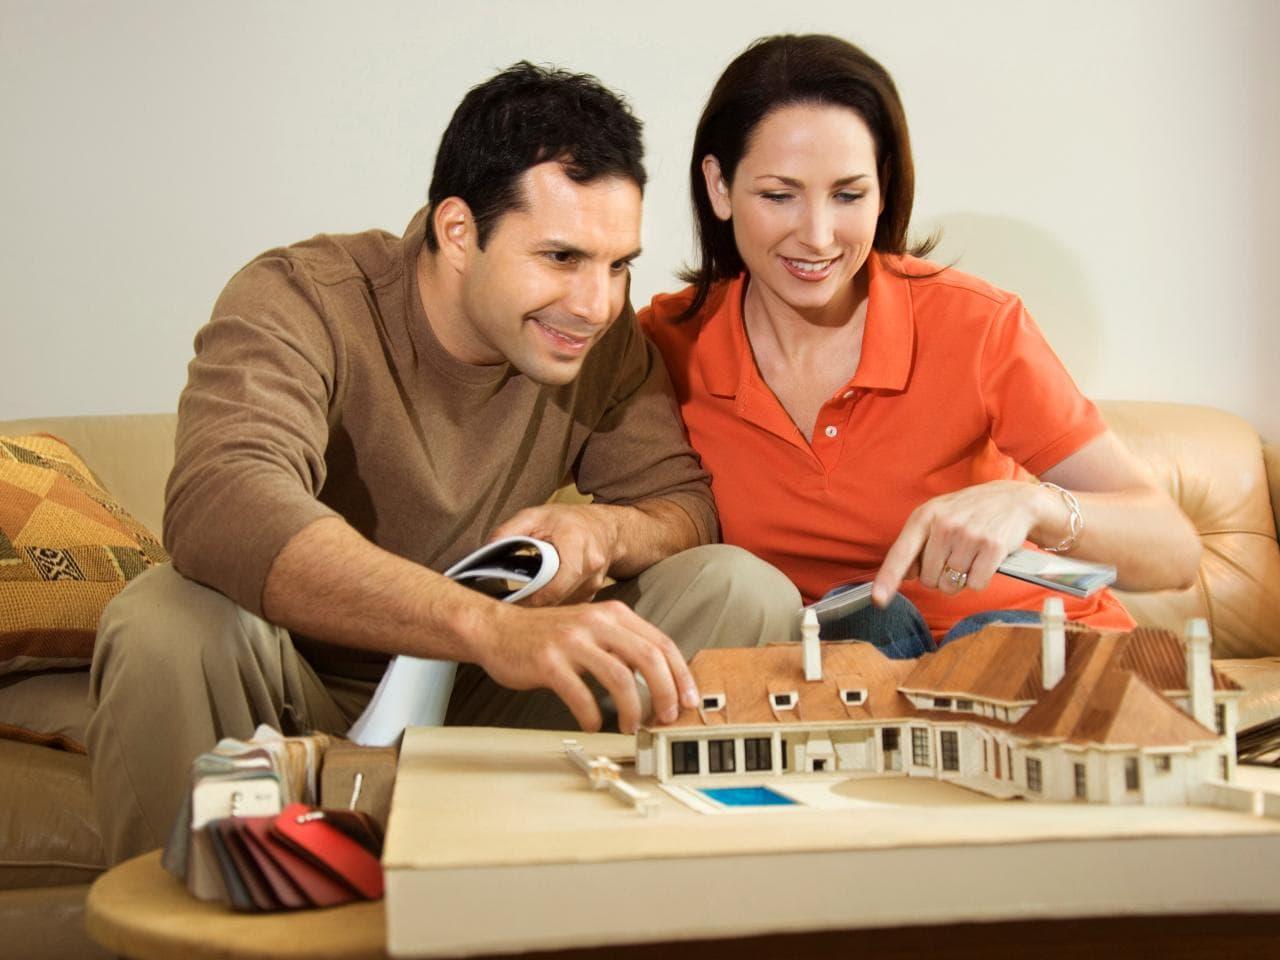 Взять ипотеку без первоначального взноса в Сбербанке